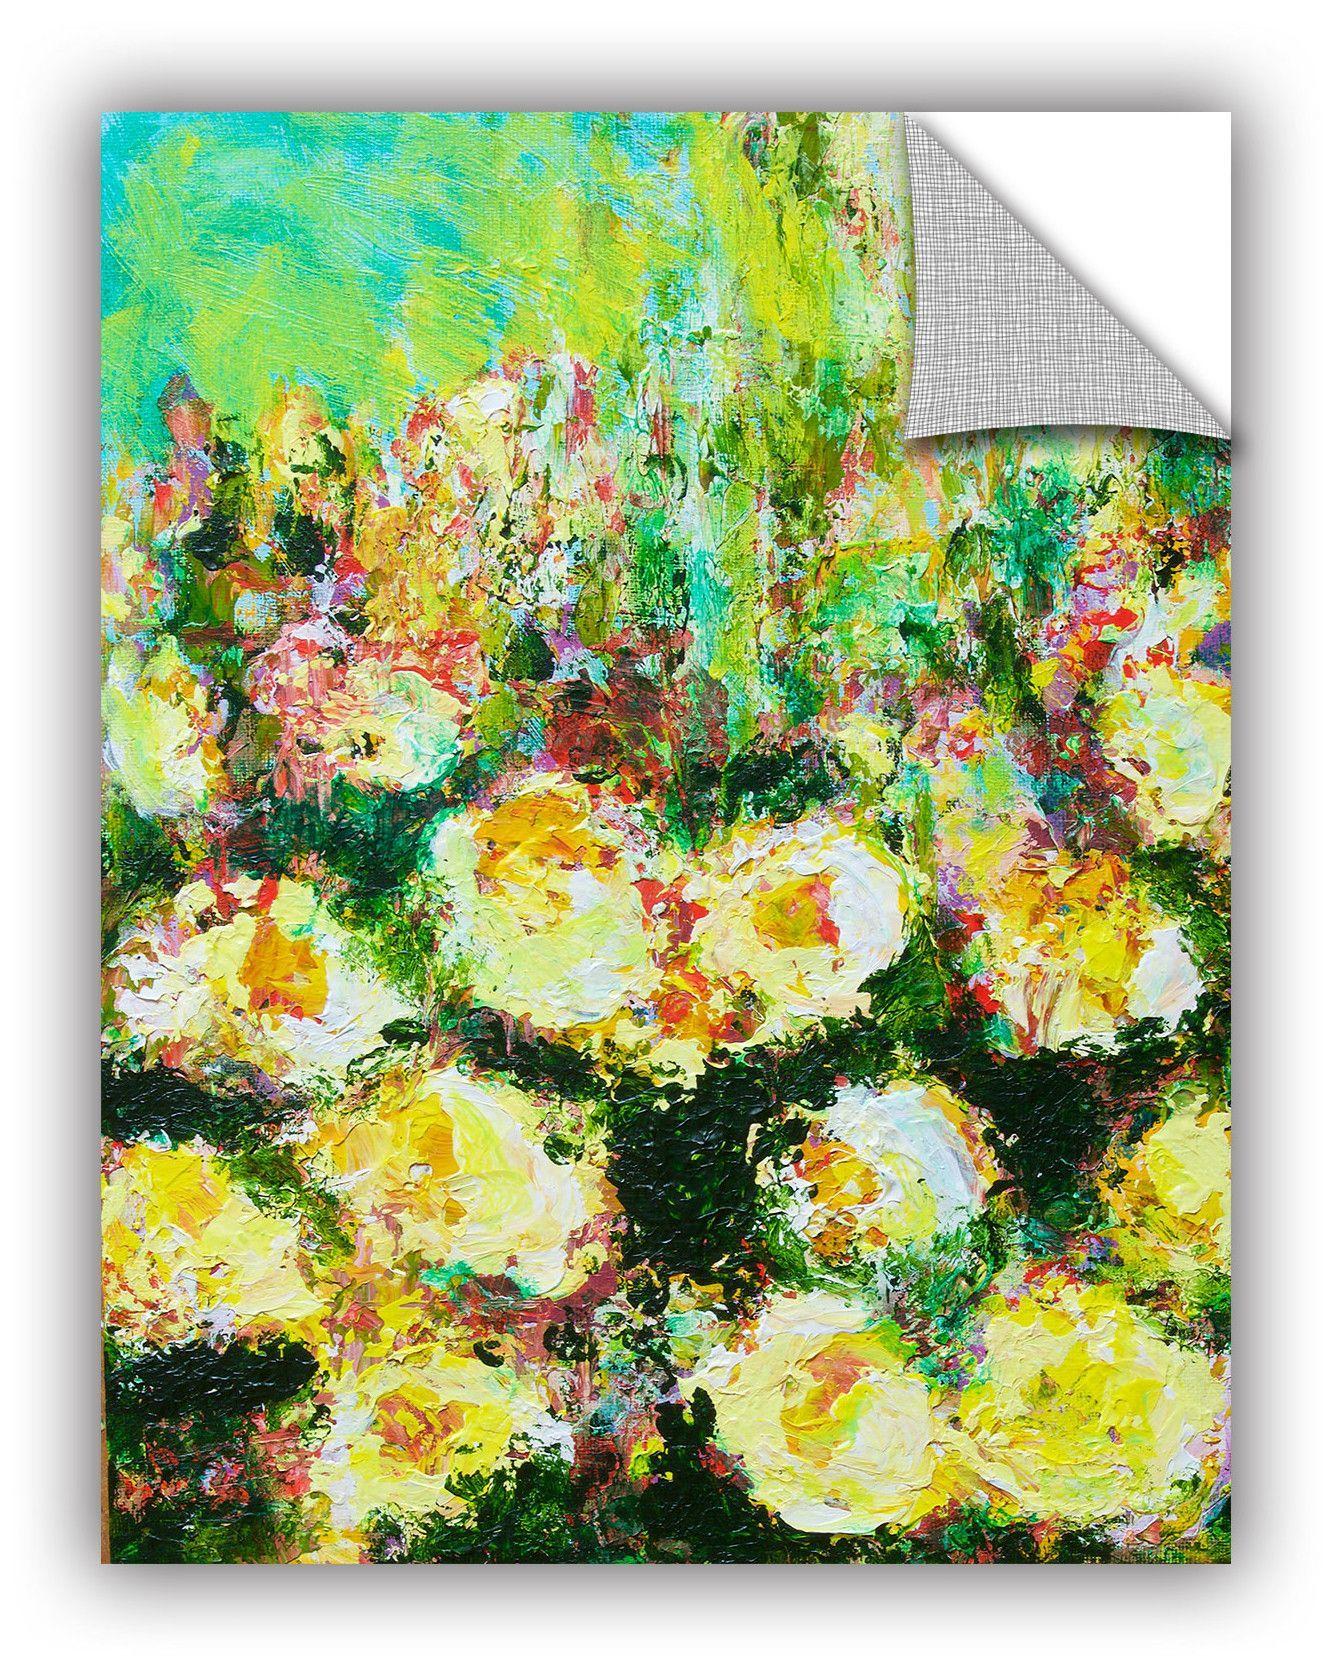 Berkeley rose garden wall mural wall murals rose and walls